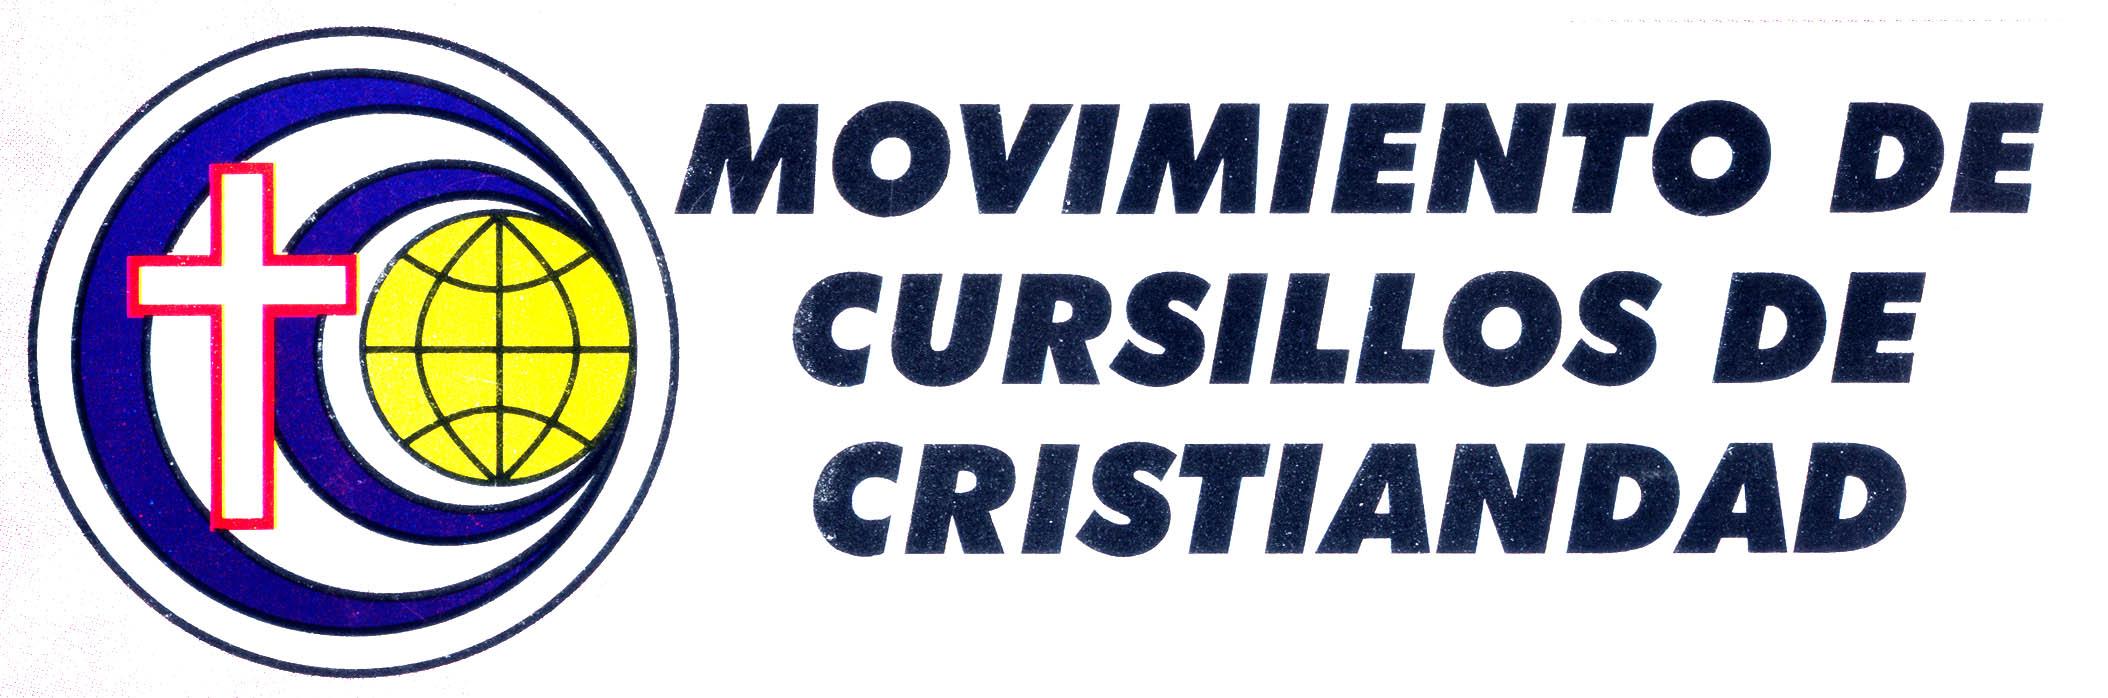 Inician los Cursillos de Cristiandad para varones y mujeres